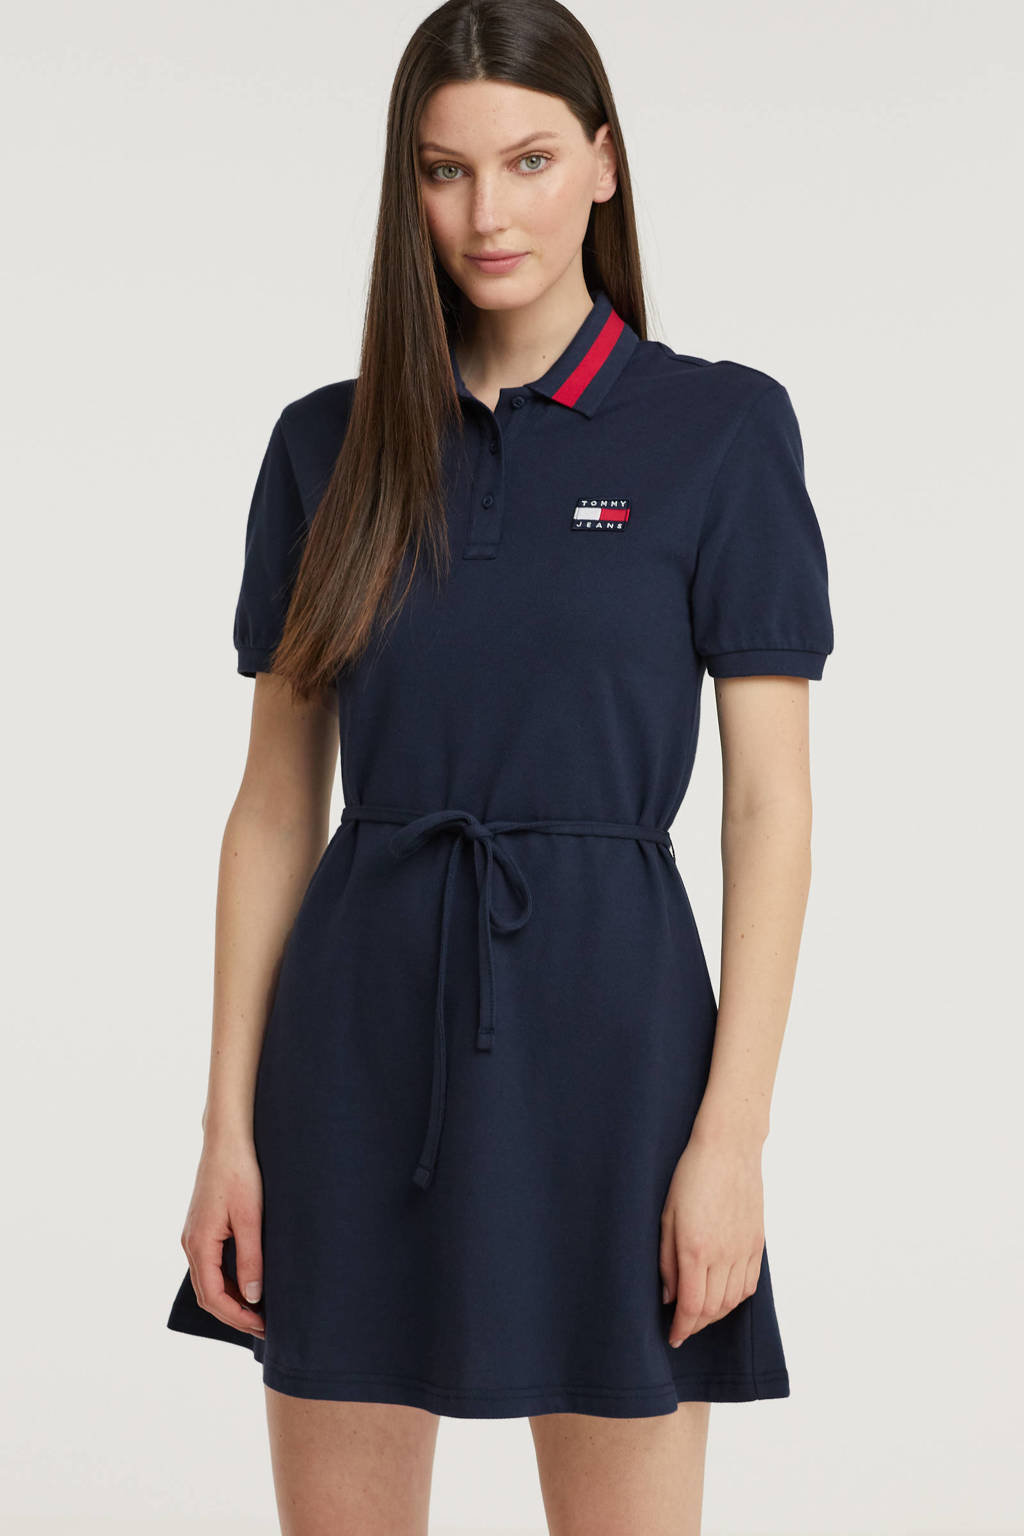 Tommy Jeans A-lijn jurk van biologisch katoen donkerblauw/rood/wit, Donkerblauw/rood/wit